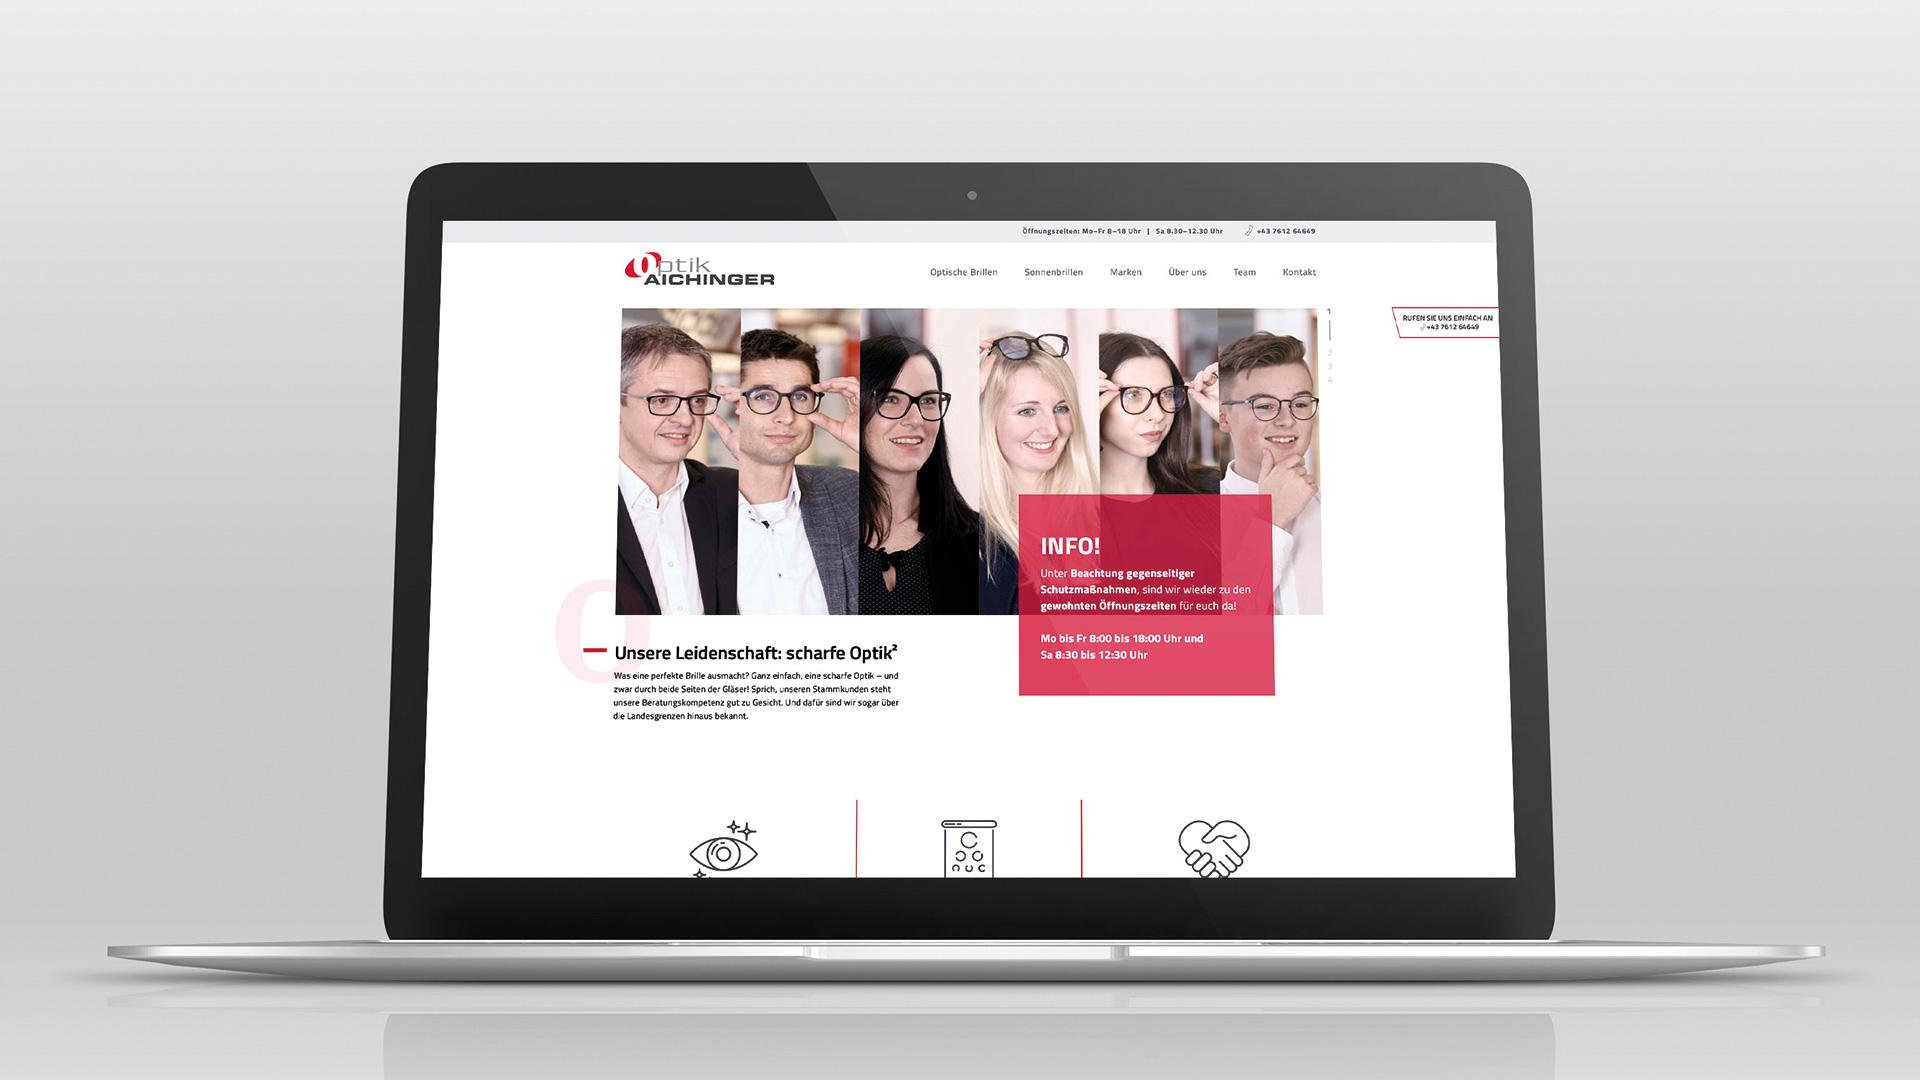 Ein Laptop zeigt das Webdesign von Optik Aichinger mit diversen Brillenträgern als Modell